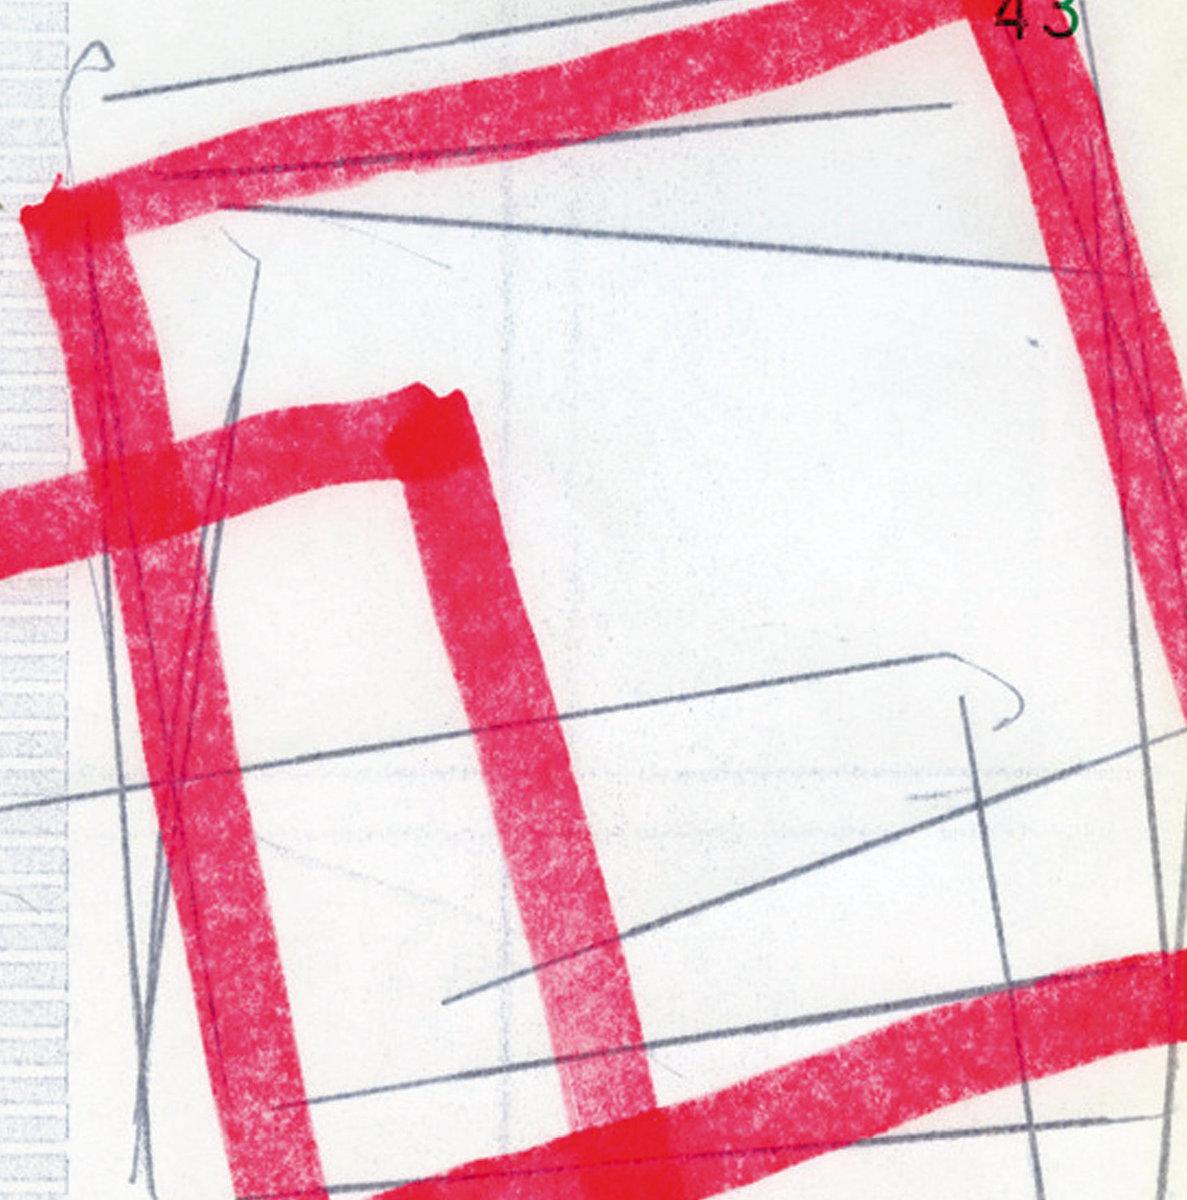 quadri 4 covera.jpg